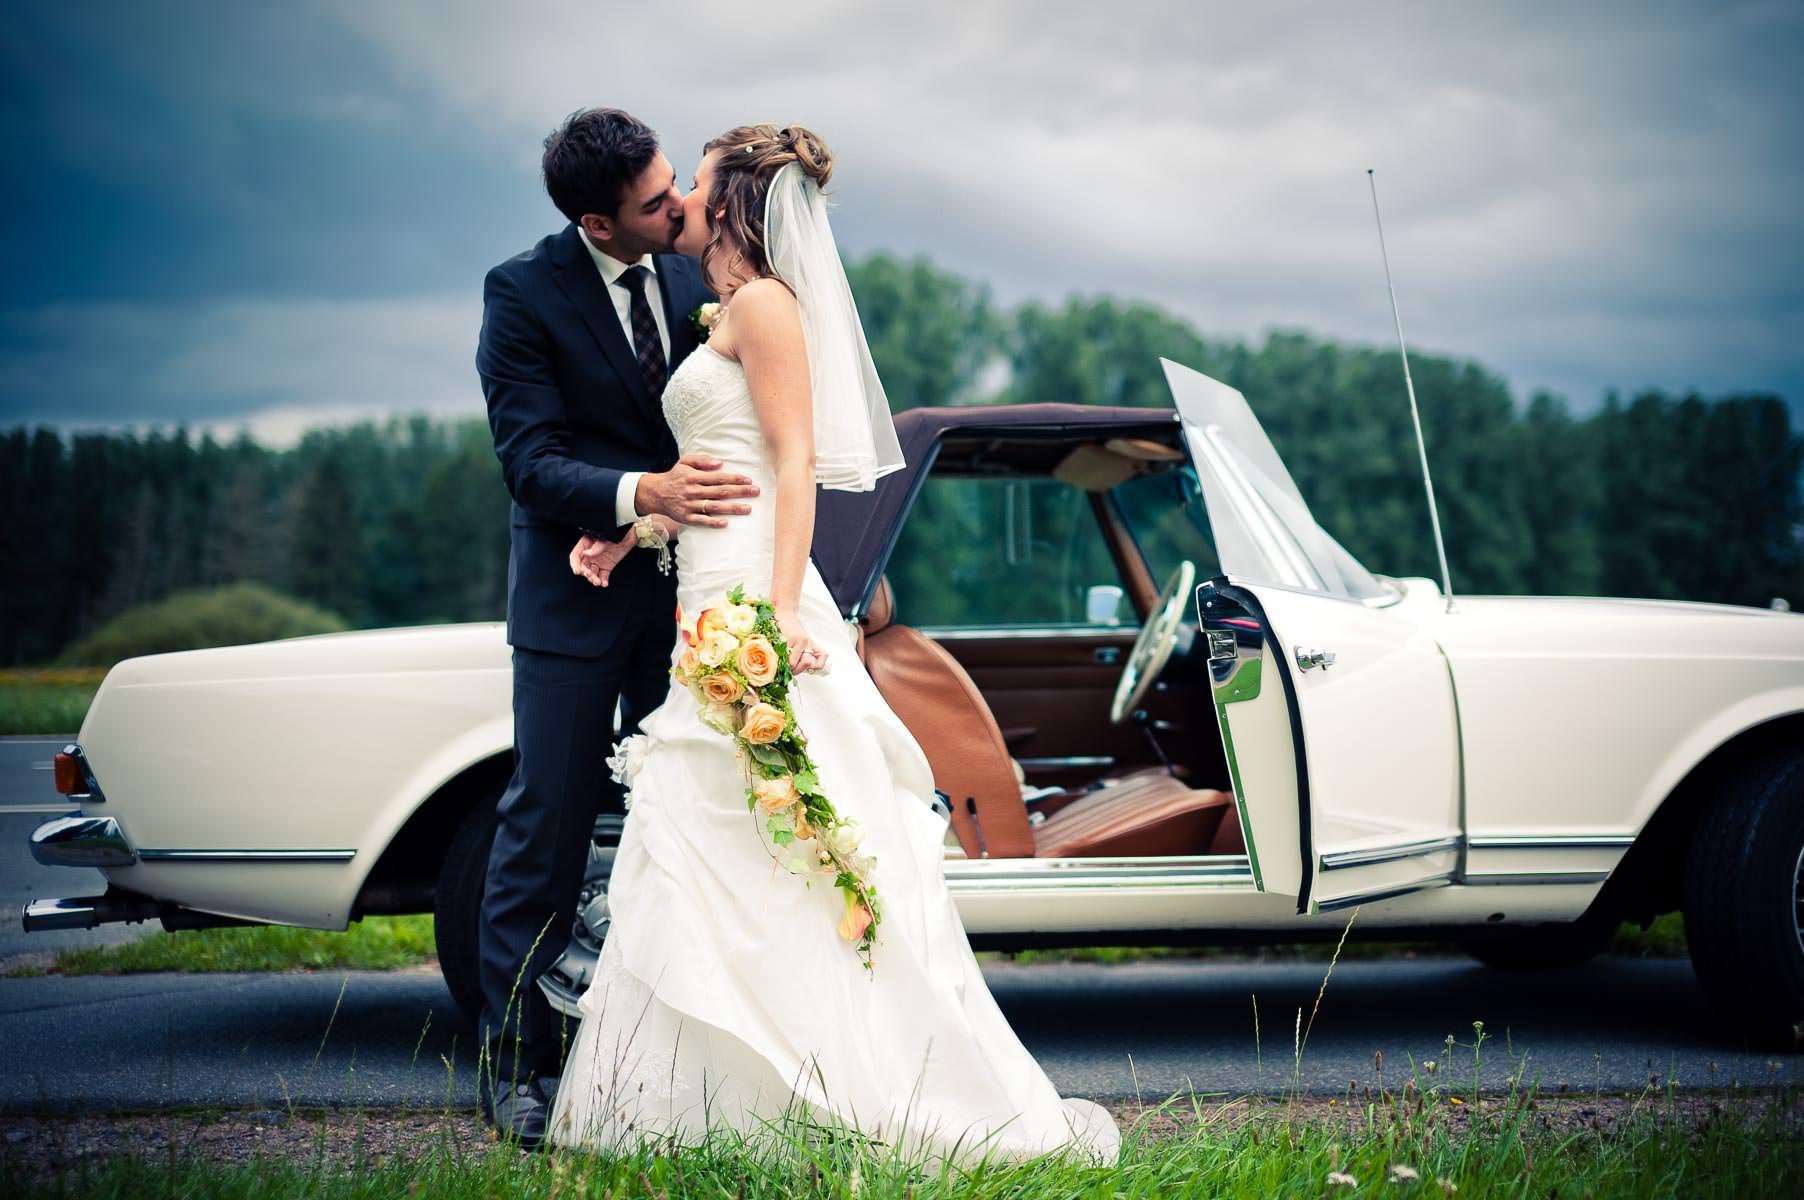 brautpaar küsst sich vor dem hochzeitsauto